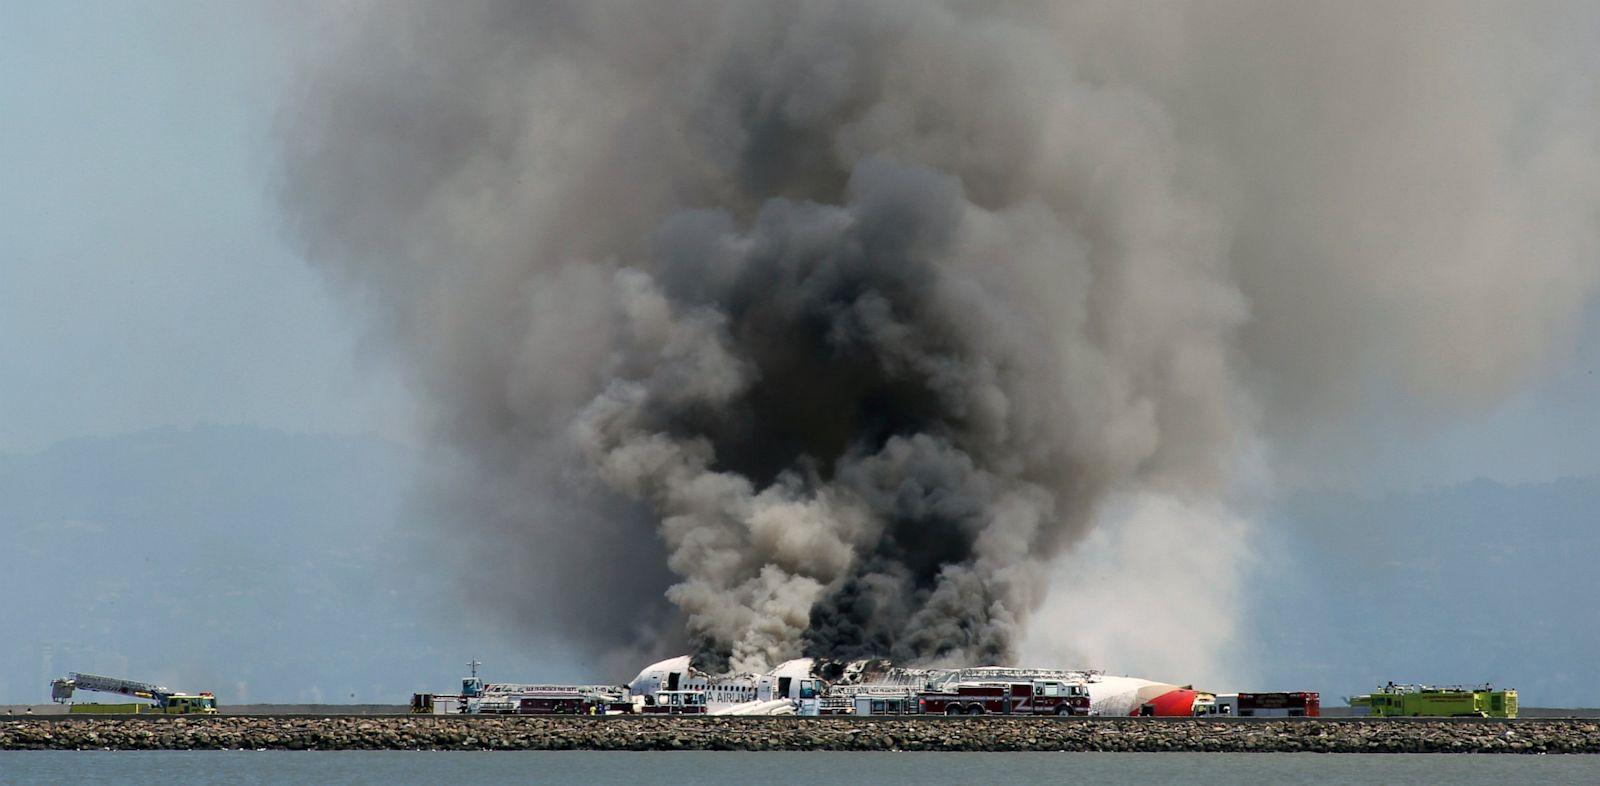 PHOTO: Asiana flight crashed at San Francisco Airport